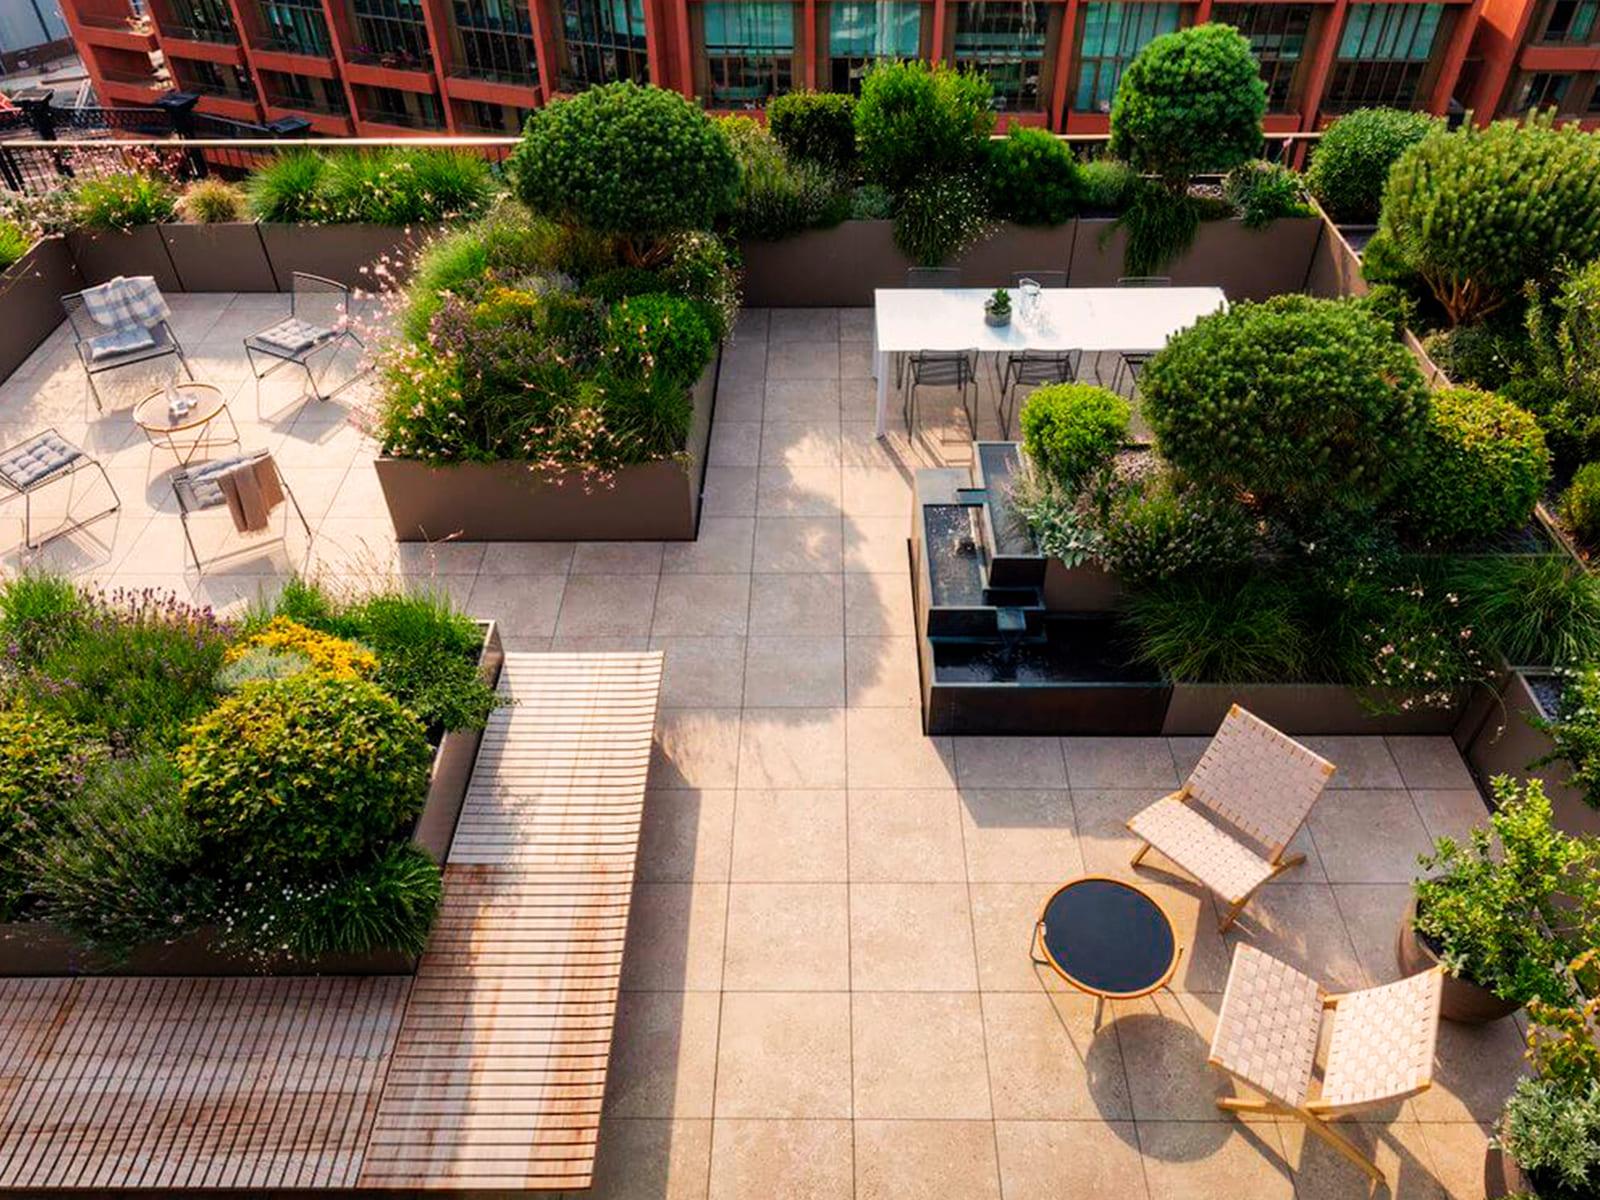 blog-vegetacion-decoracion-terrazas-balcones-20_HIDROJARDIN-Bañeres